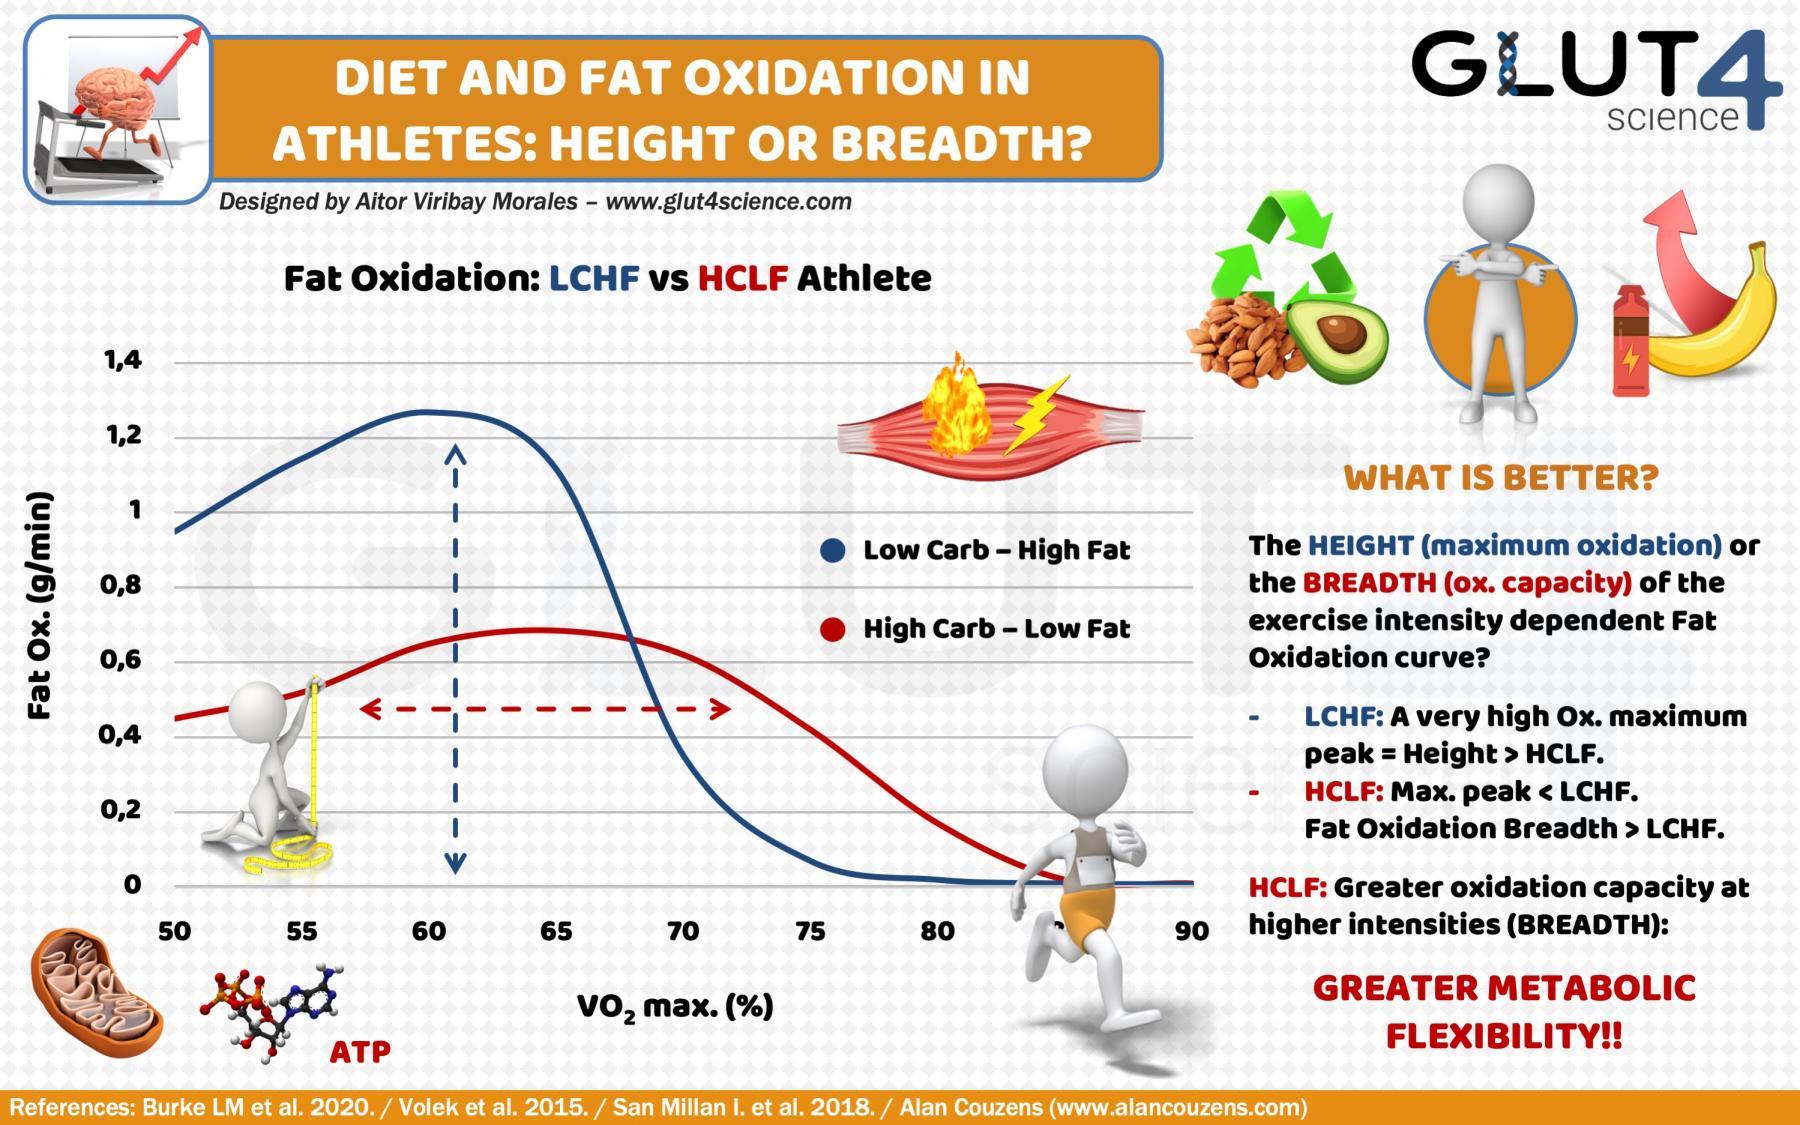 Gantzen oxidazioa kirolarietan: Dieta Low Carb eta High Fat